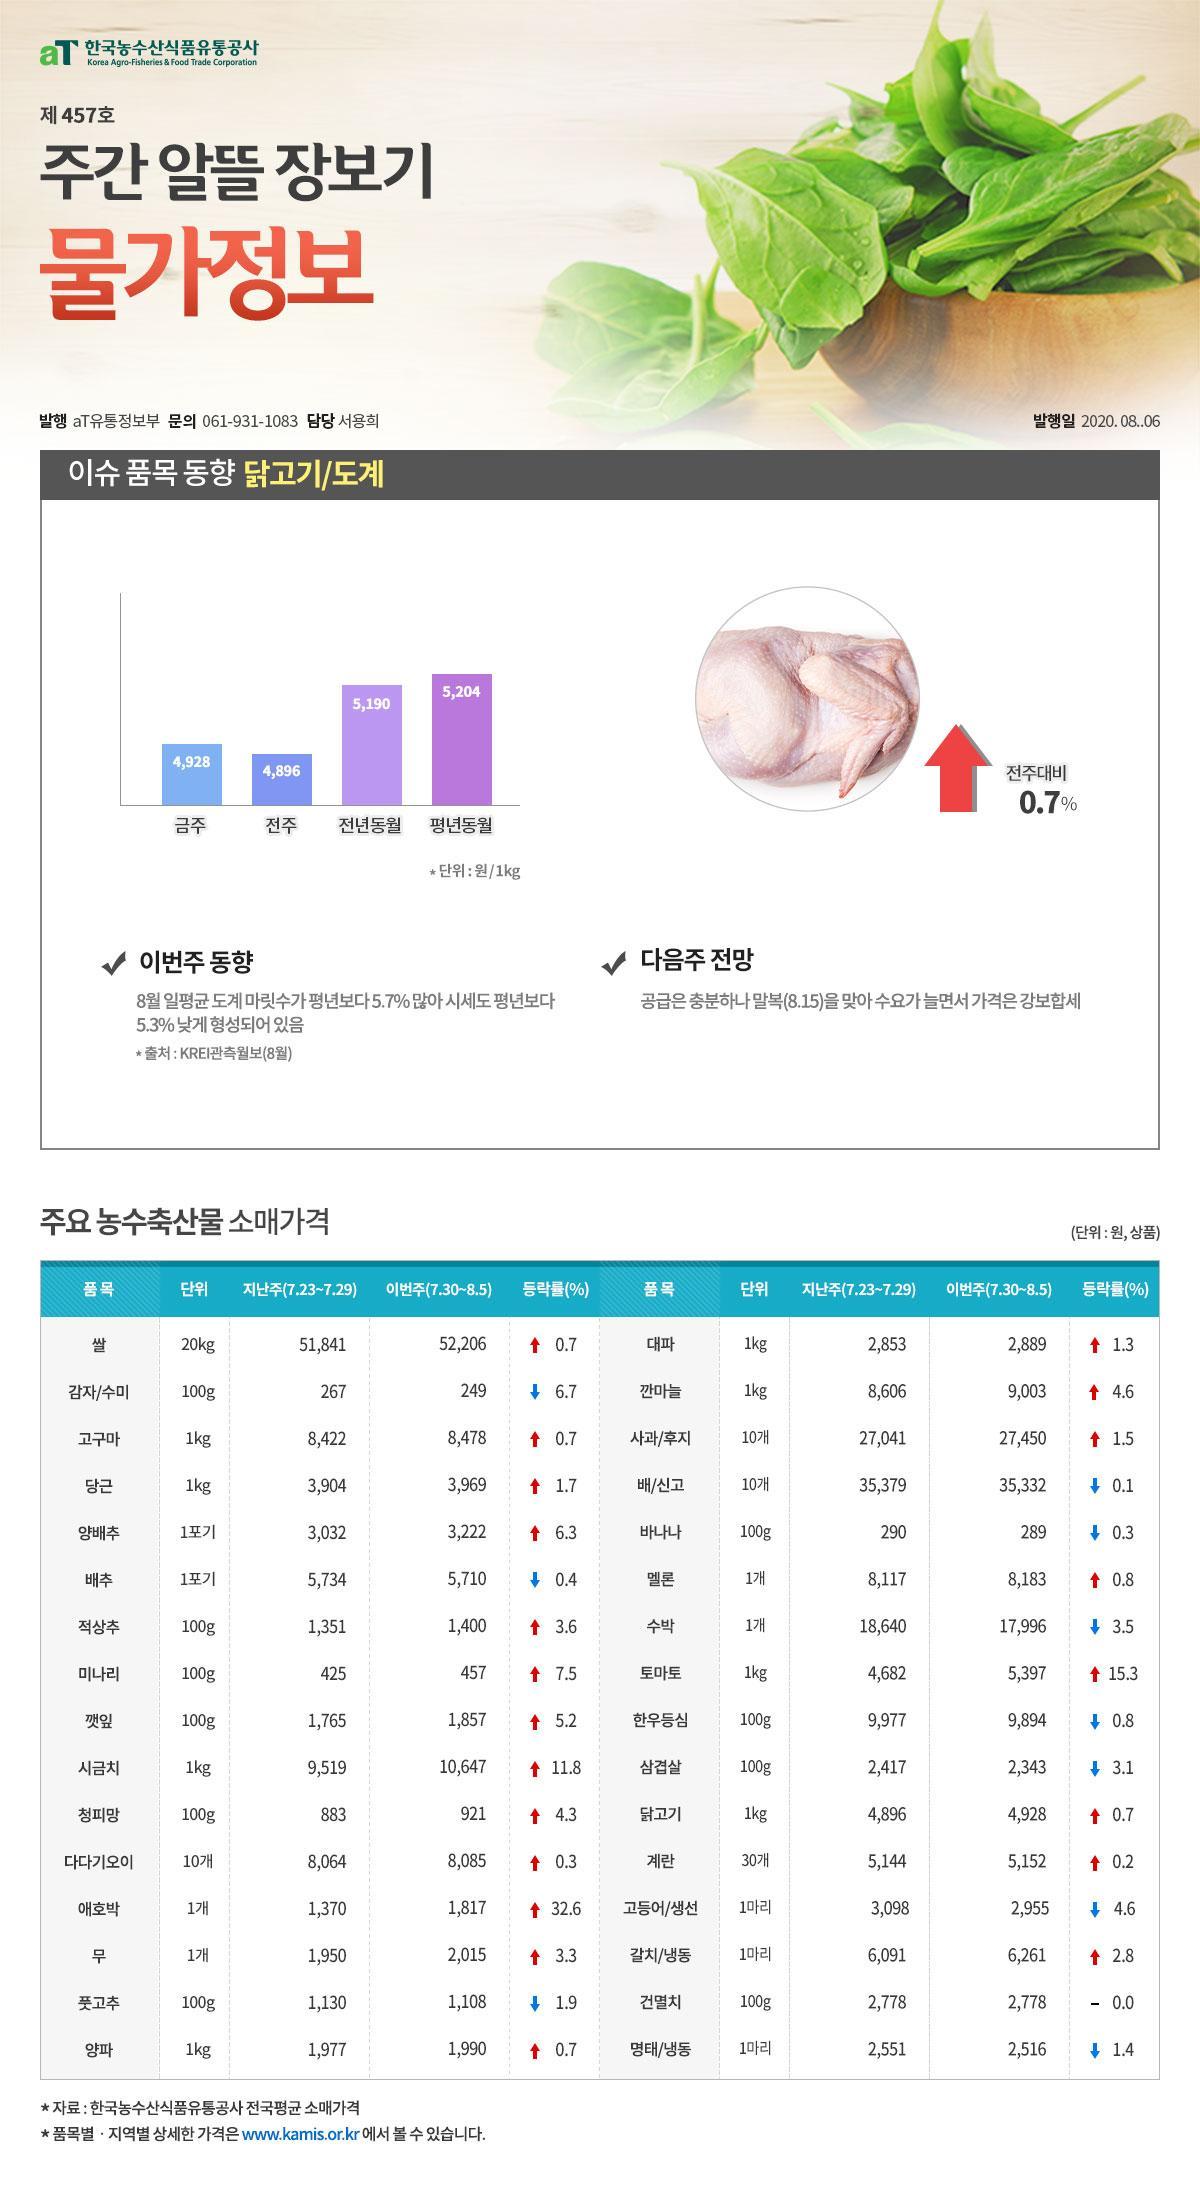 이슈품목 소매가격_1